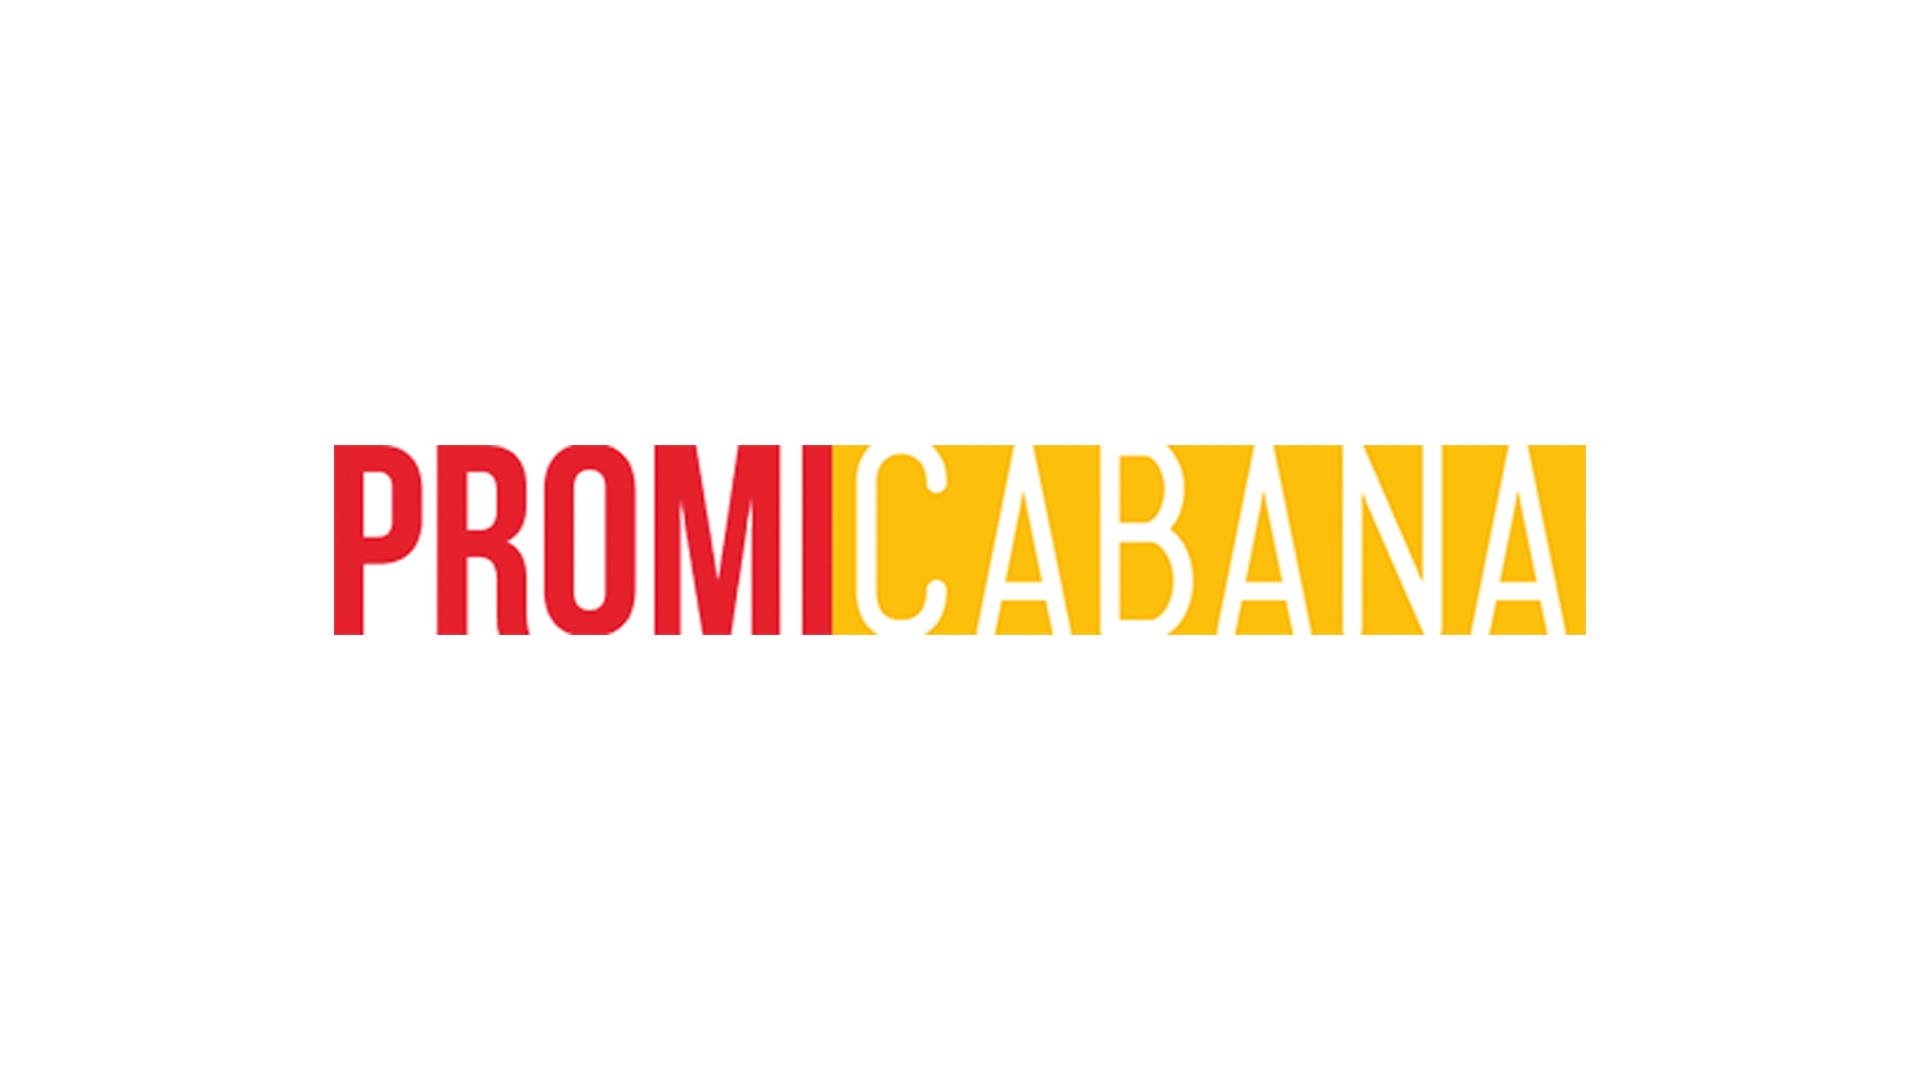 Hailee-Steinfeld-Jimmy-Fallon-Let-Me-Go